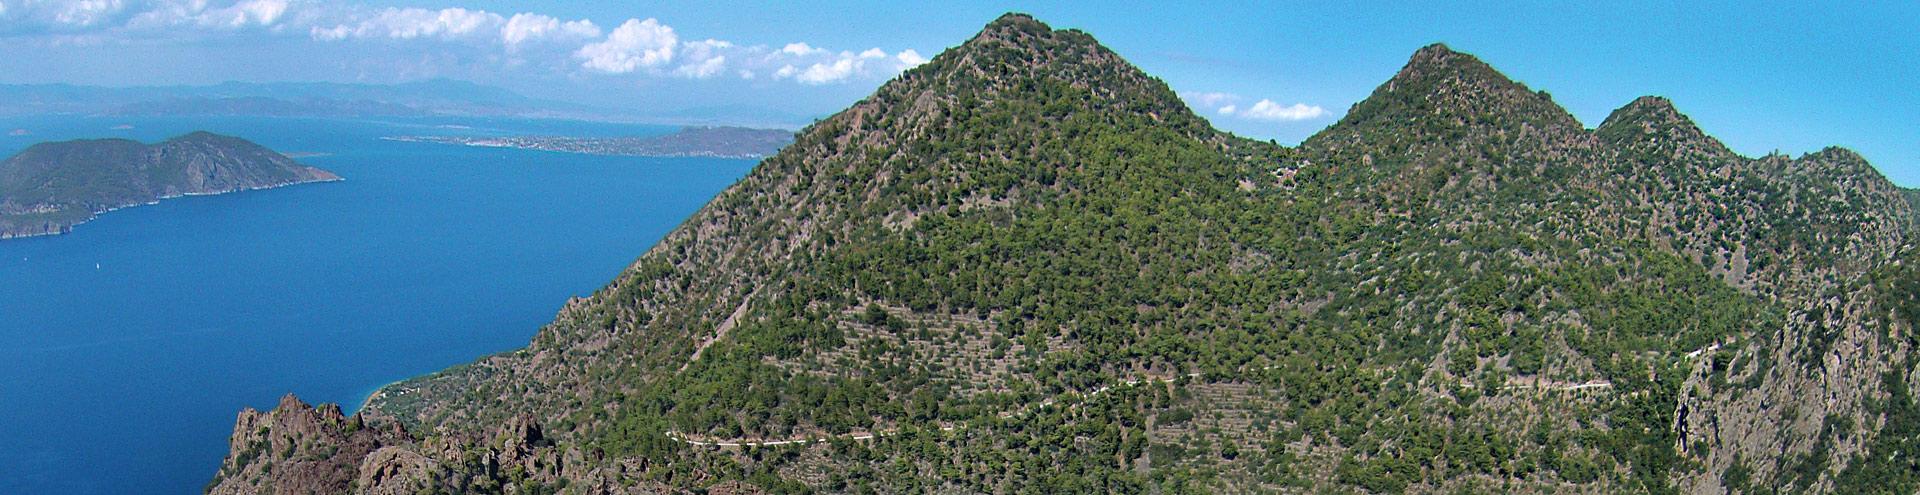 Το ηφαίστειο Μάλια Γλιάτι